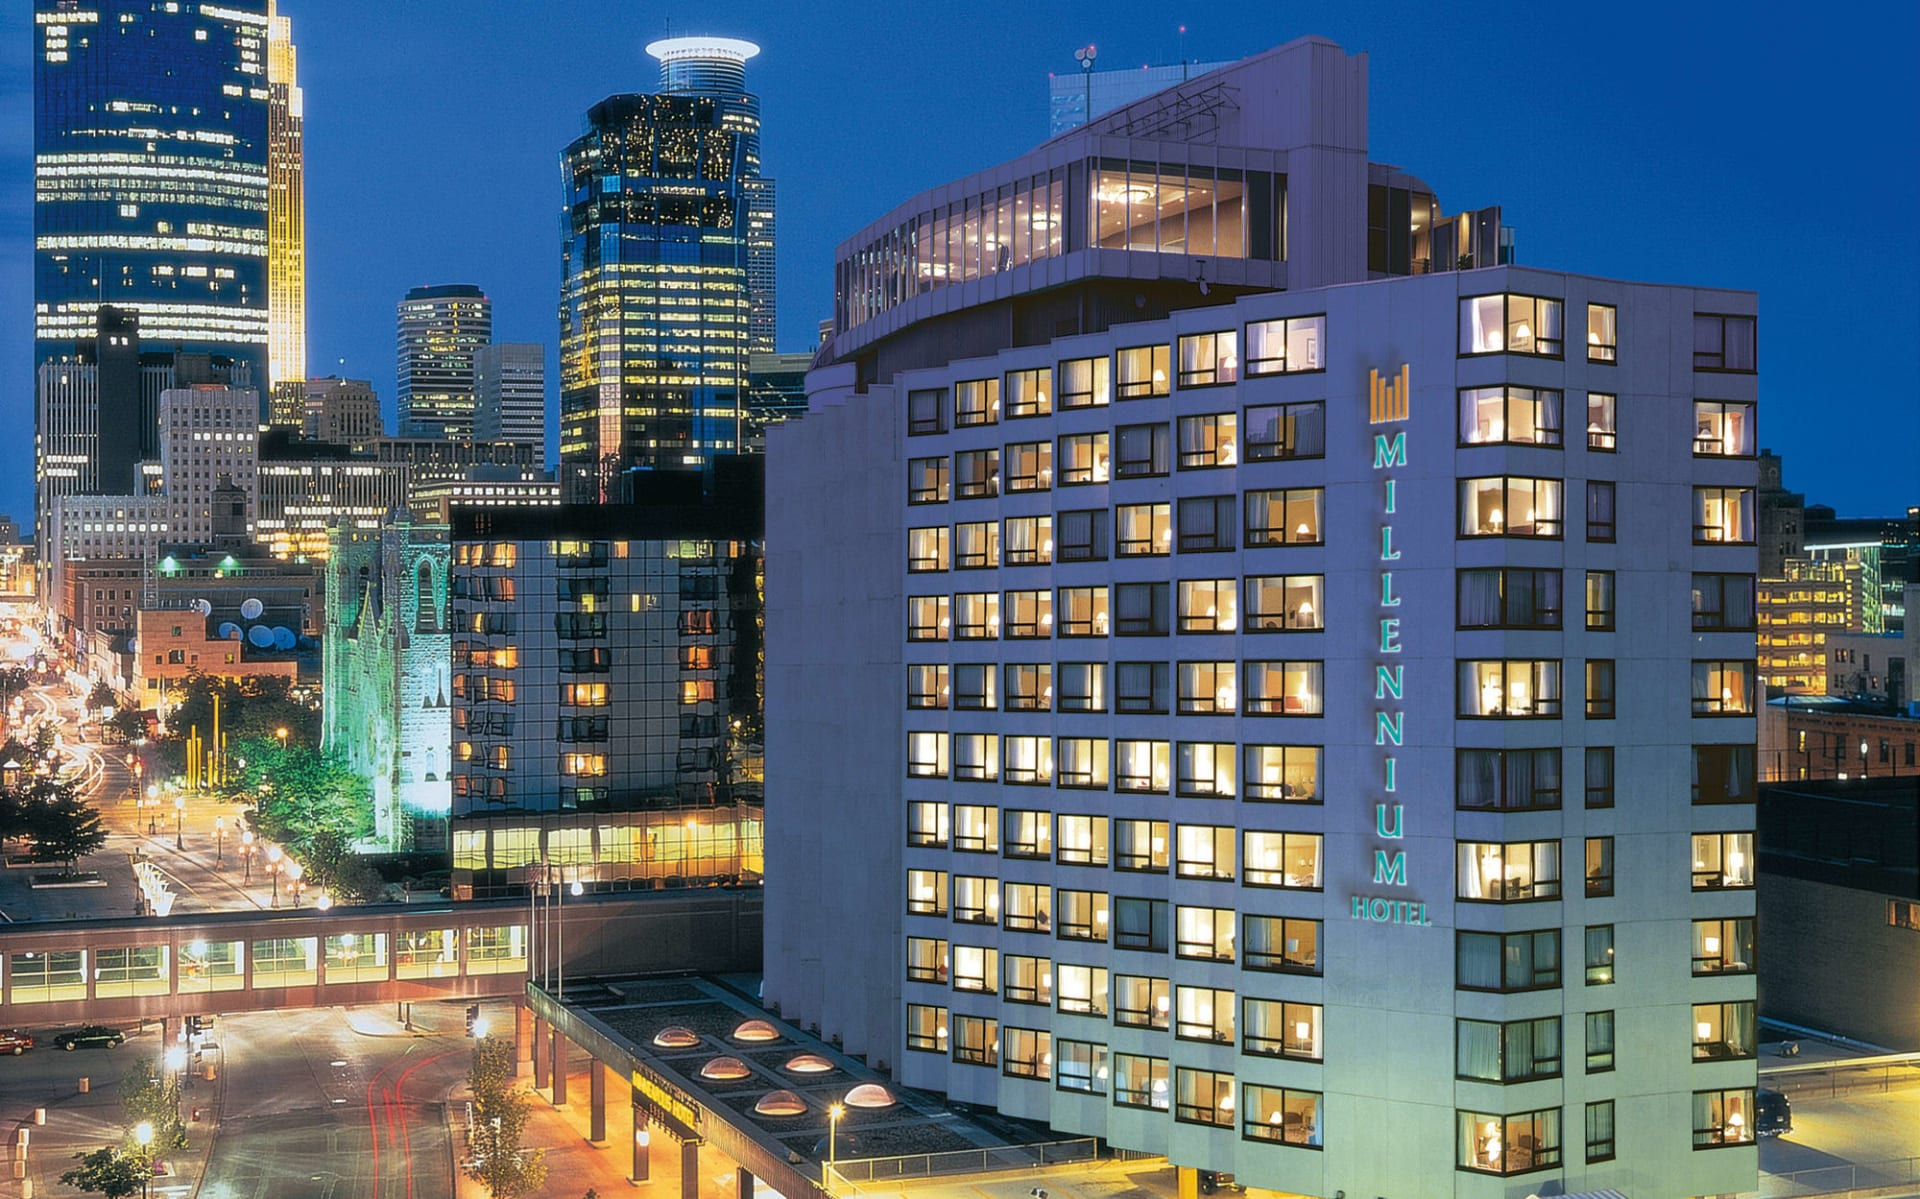 Millenium Hotel in Minneapolis:  Millennium Hotel - Aussenansicht